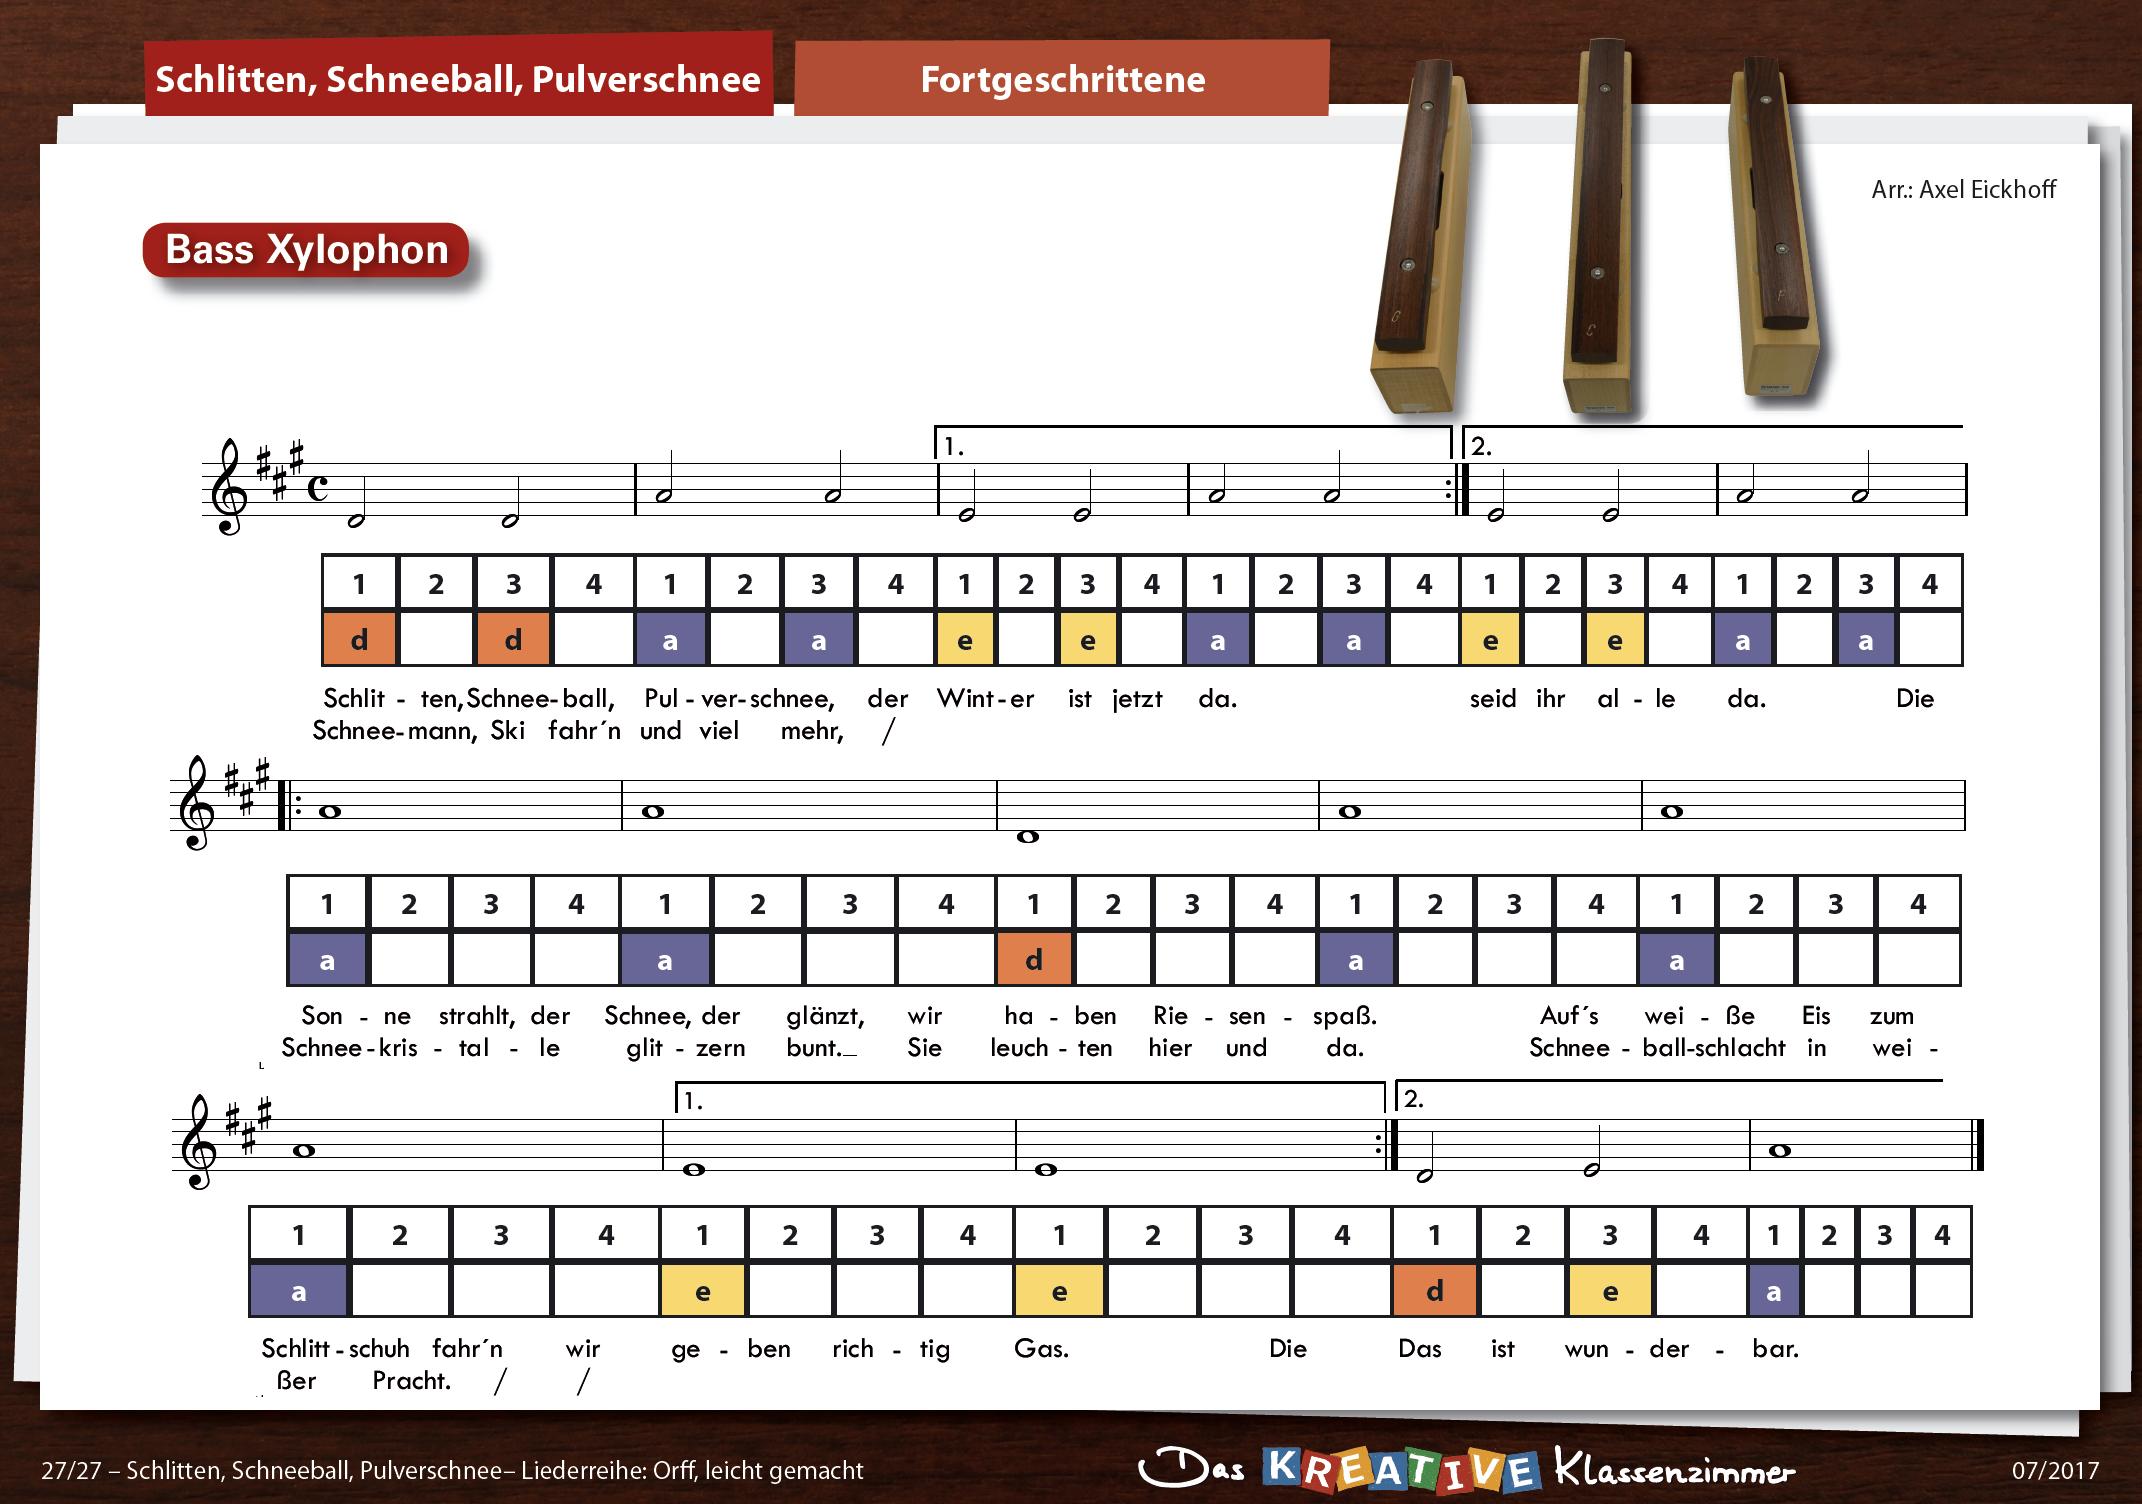 Schlitten, Schneeball, Pulverschnee - Orff